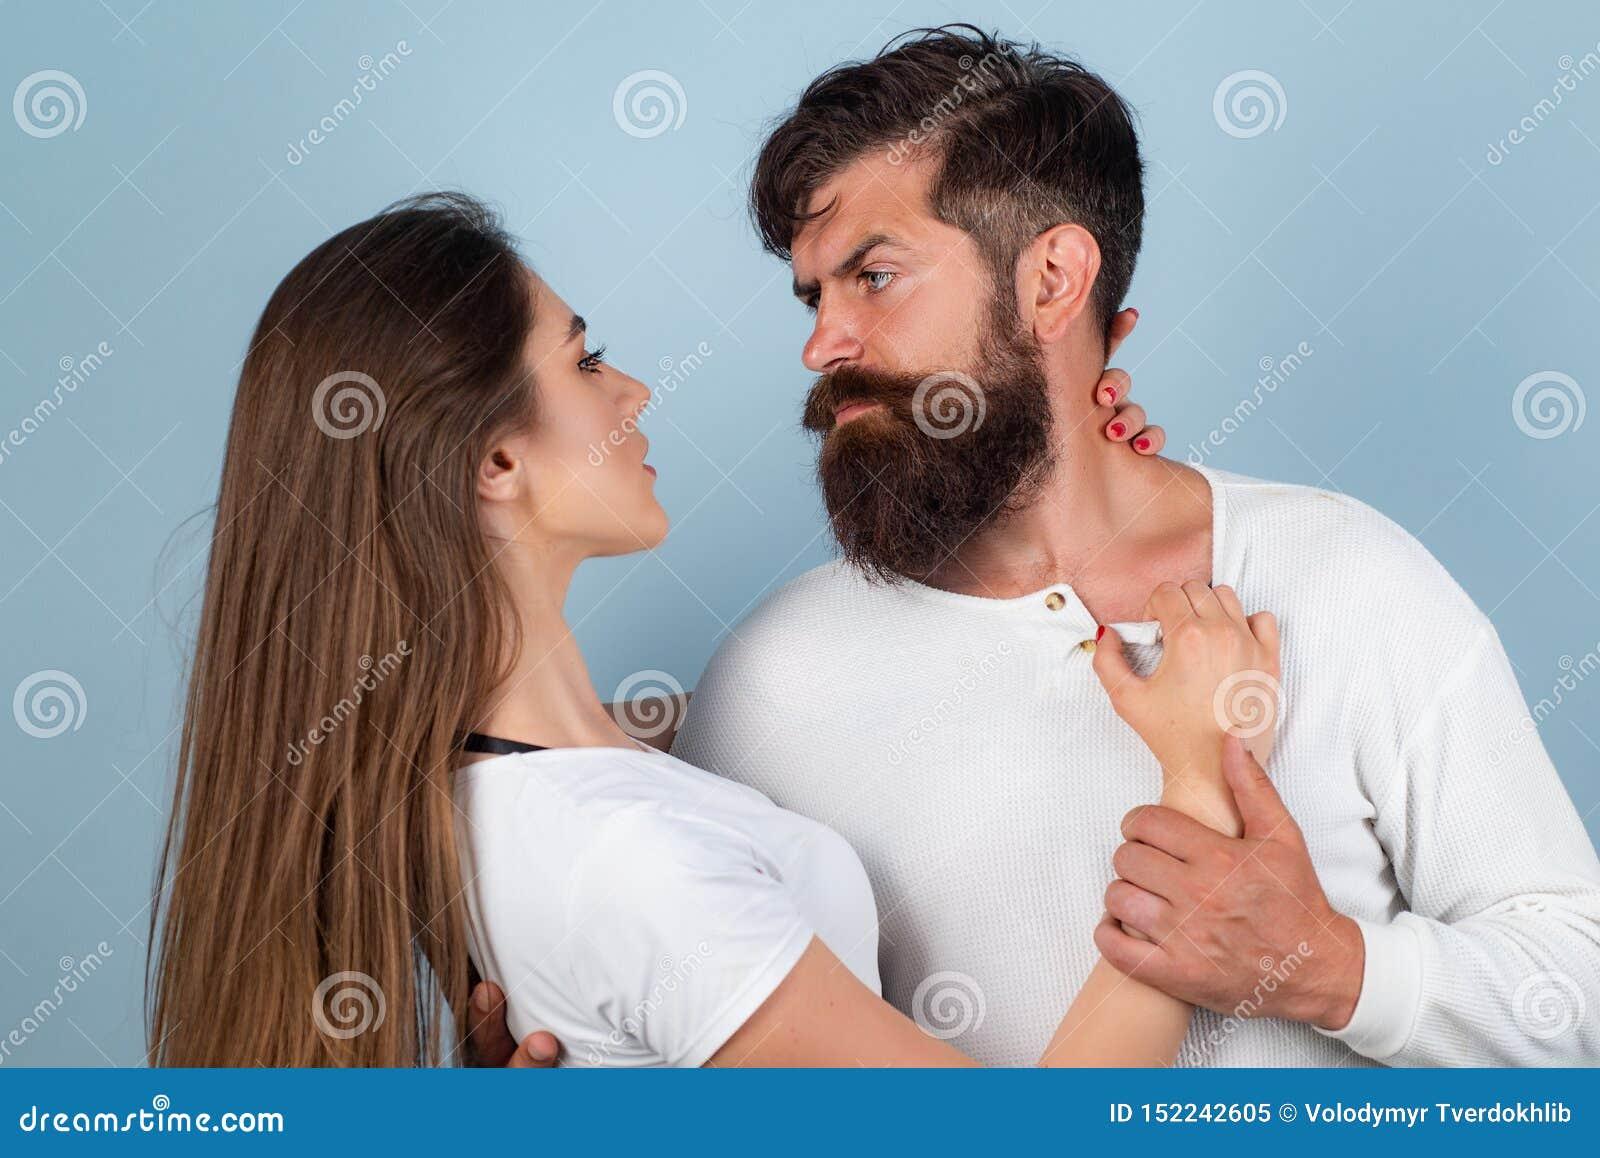 ecstasy dating är dejtingsajter värda att betala för